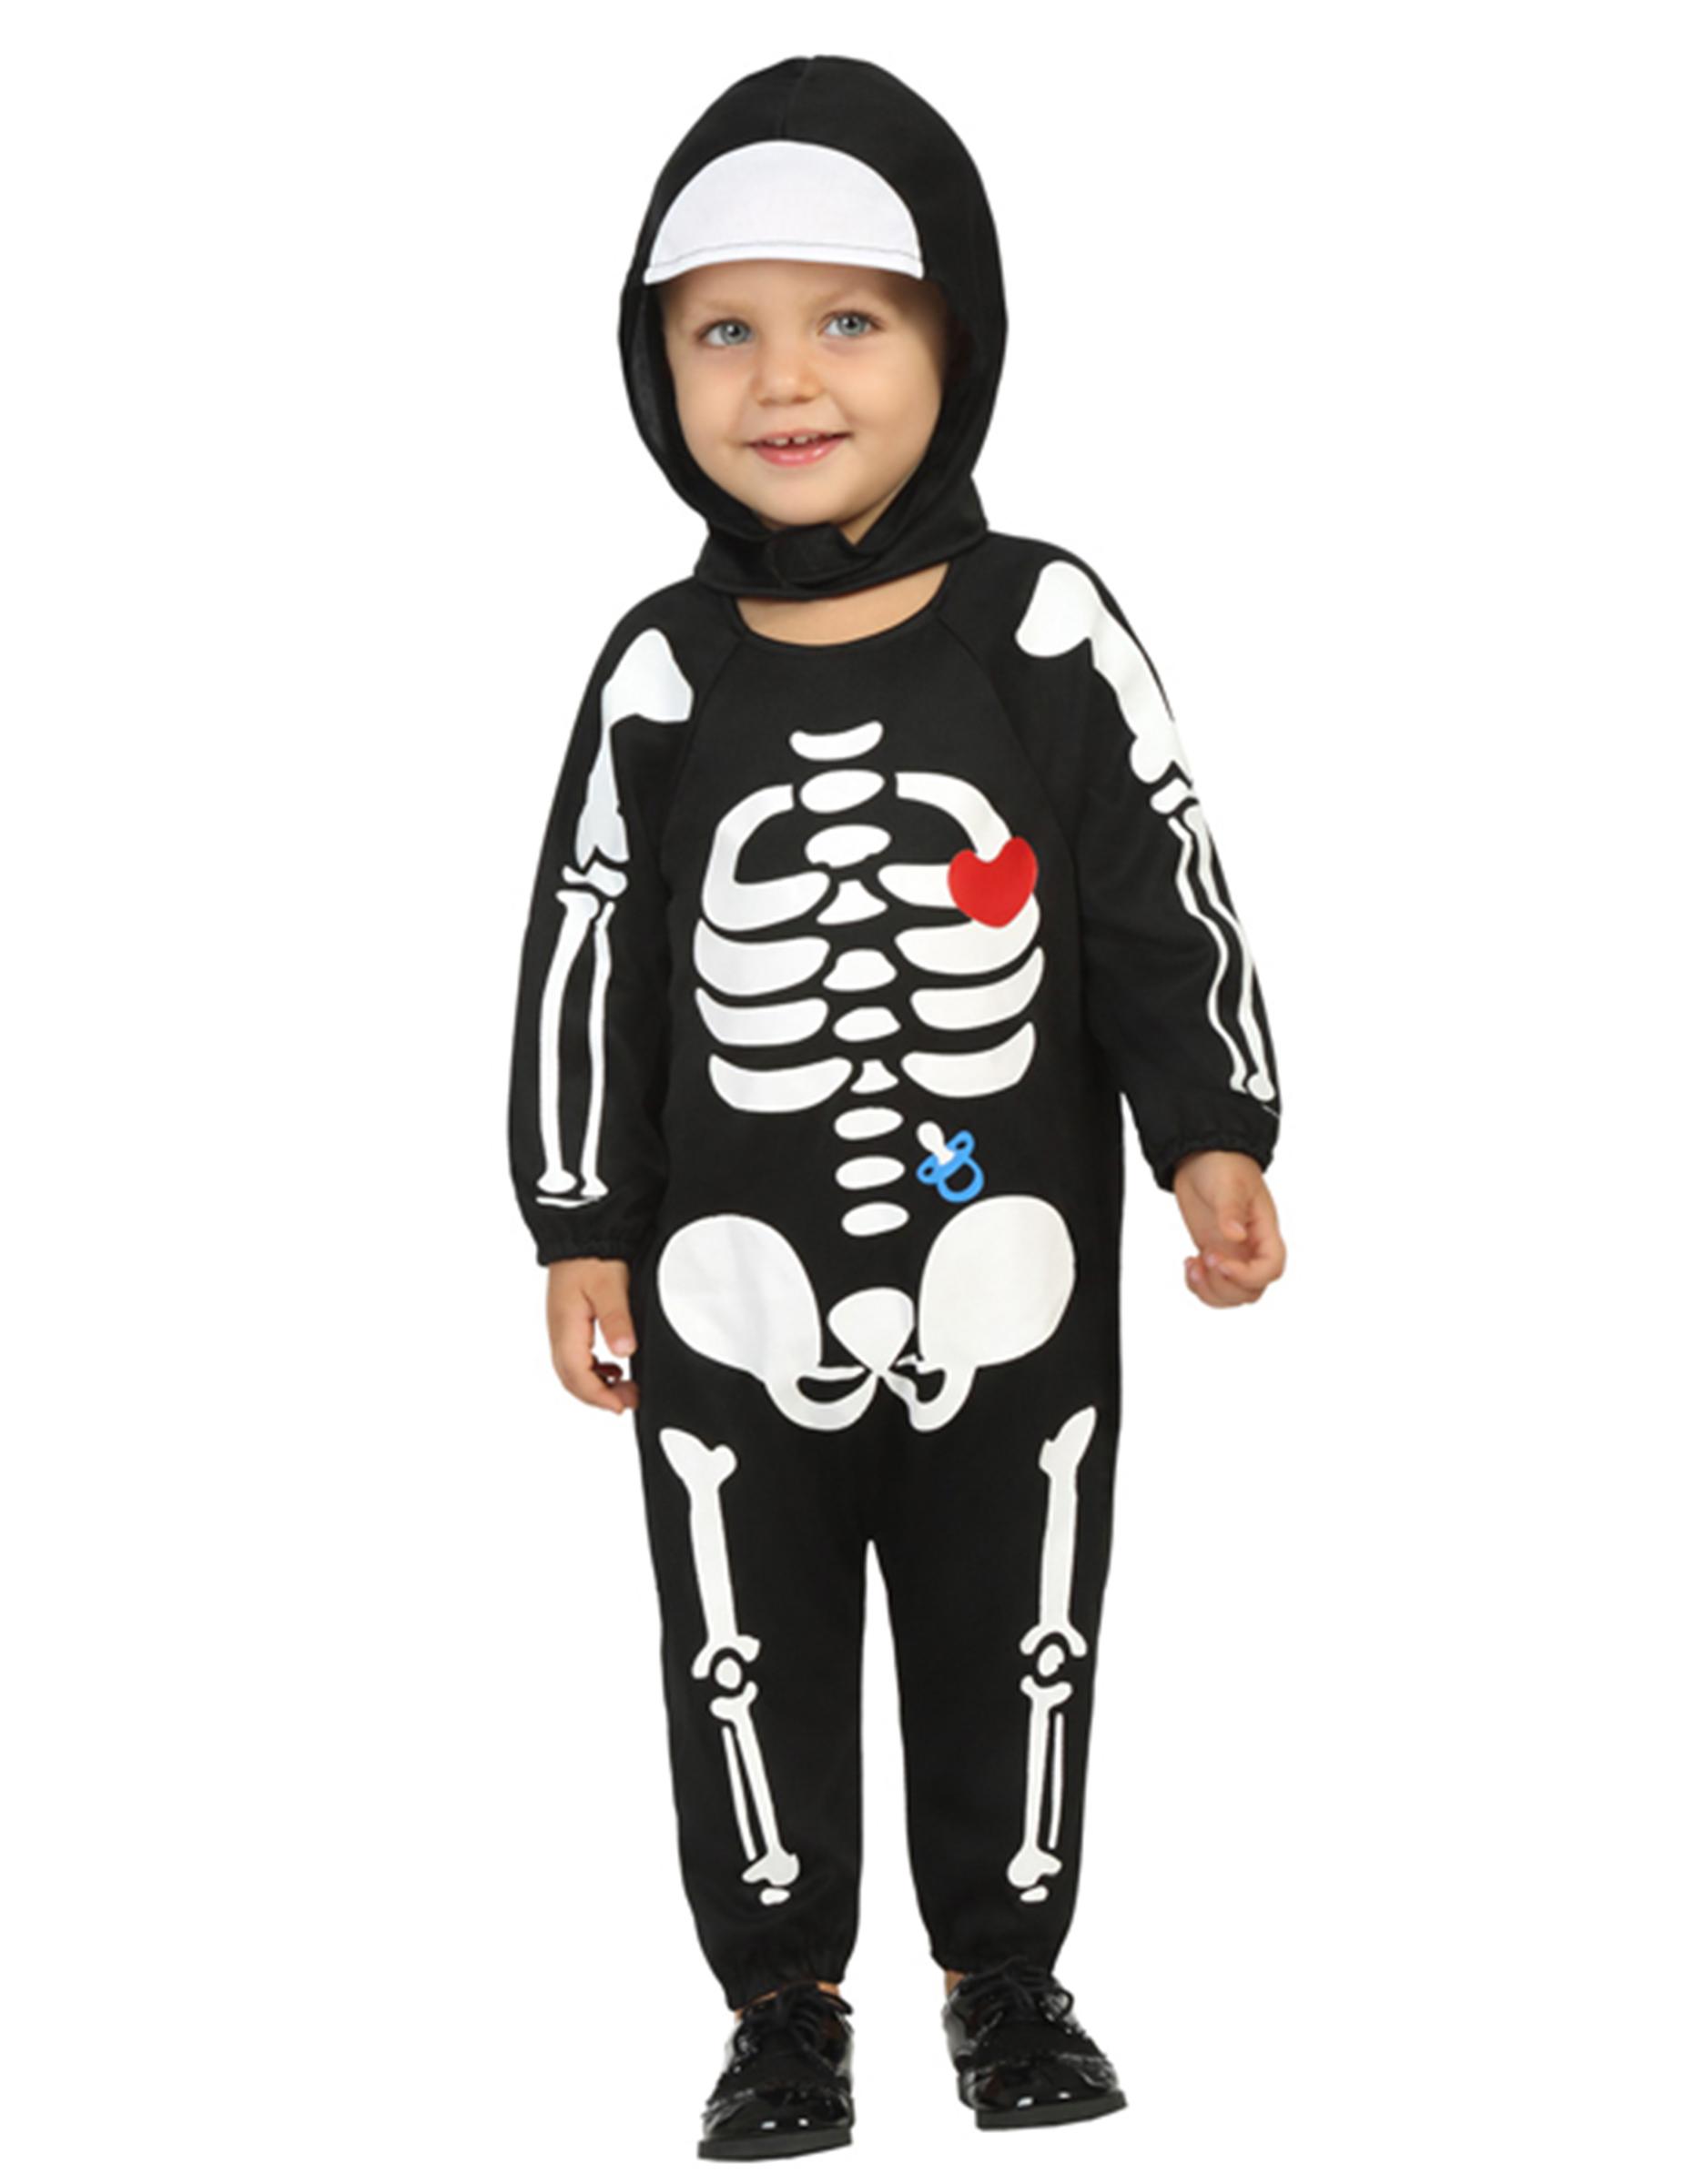 36fa50bca Disfarce bébé esqueleto menino Halloween  Disfarces Crianças ...